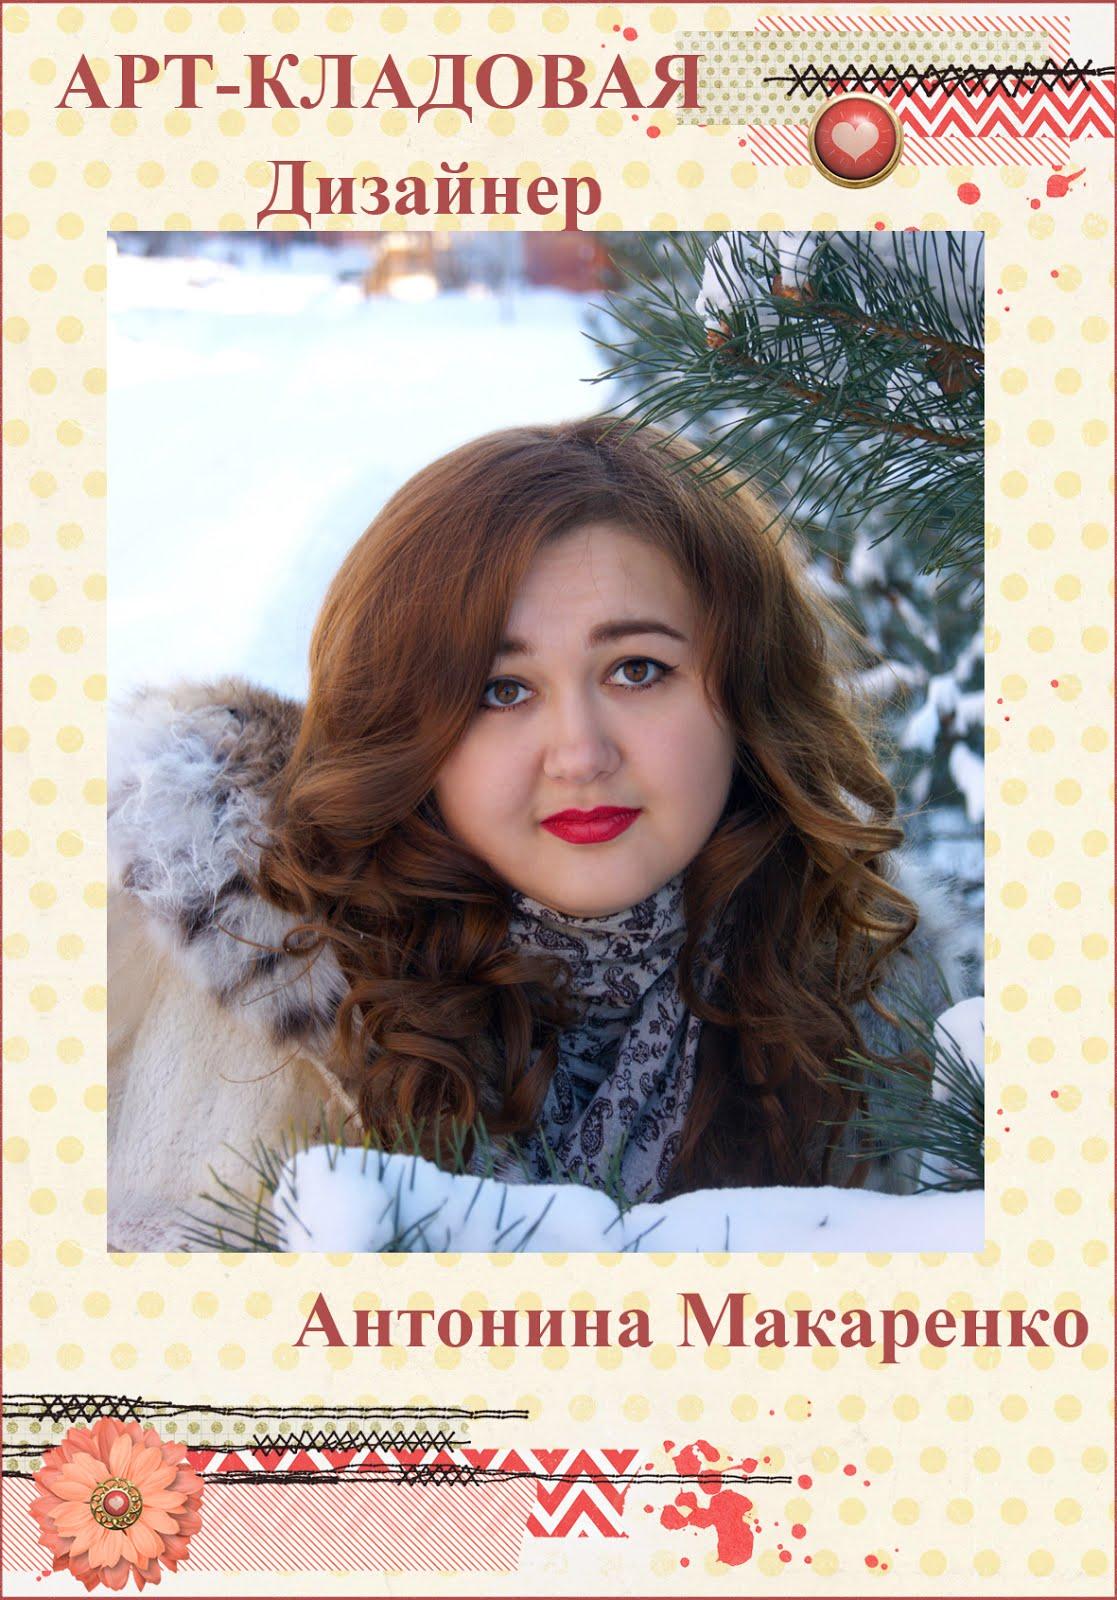 Антонина Макаренко.